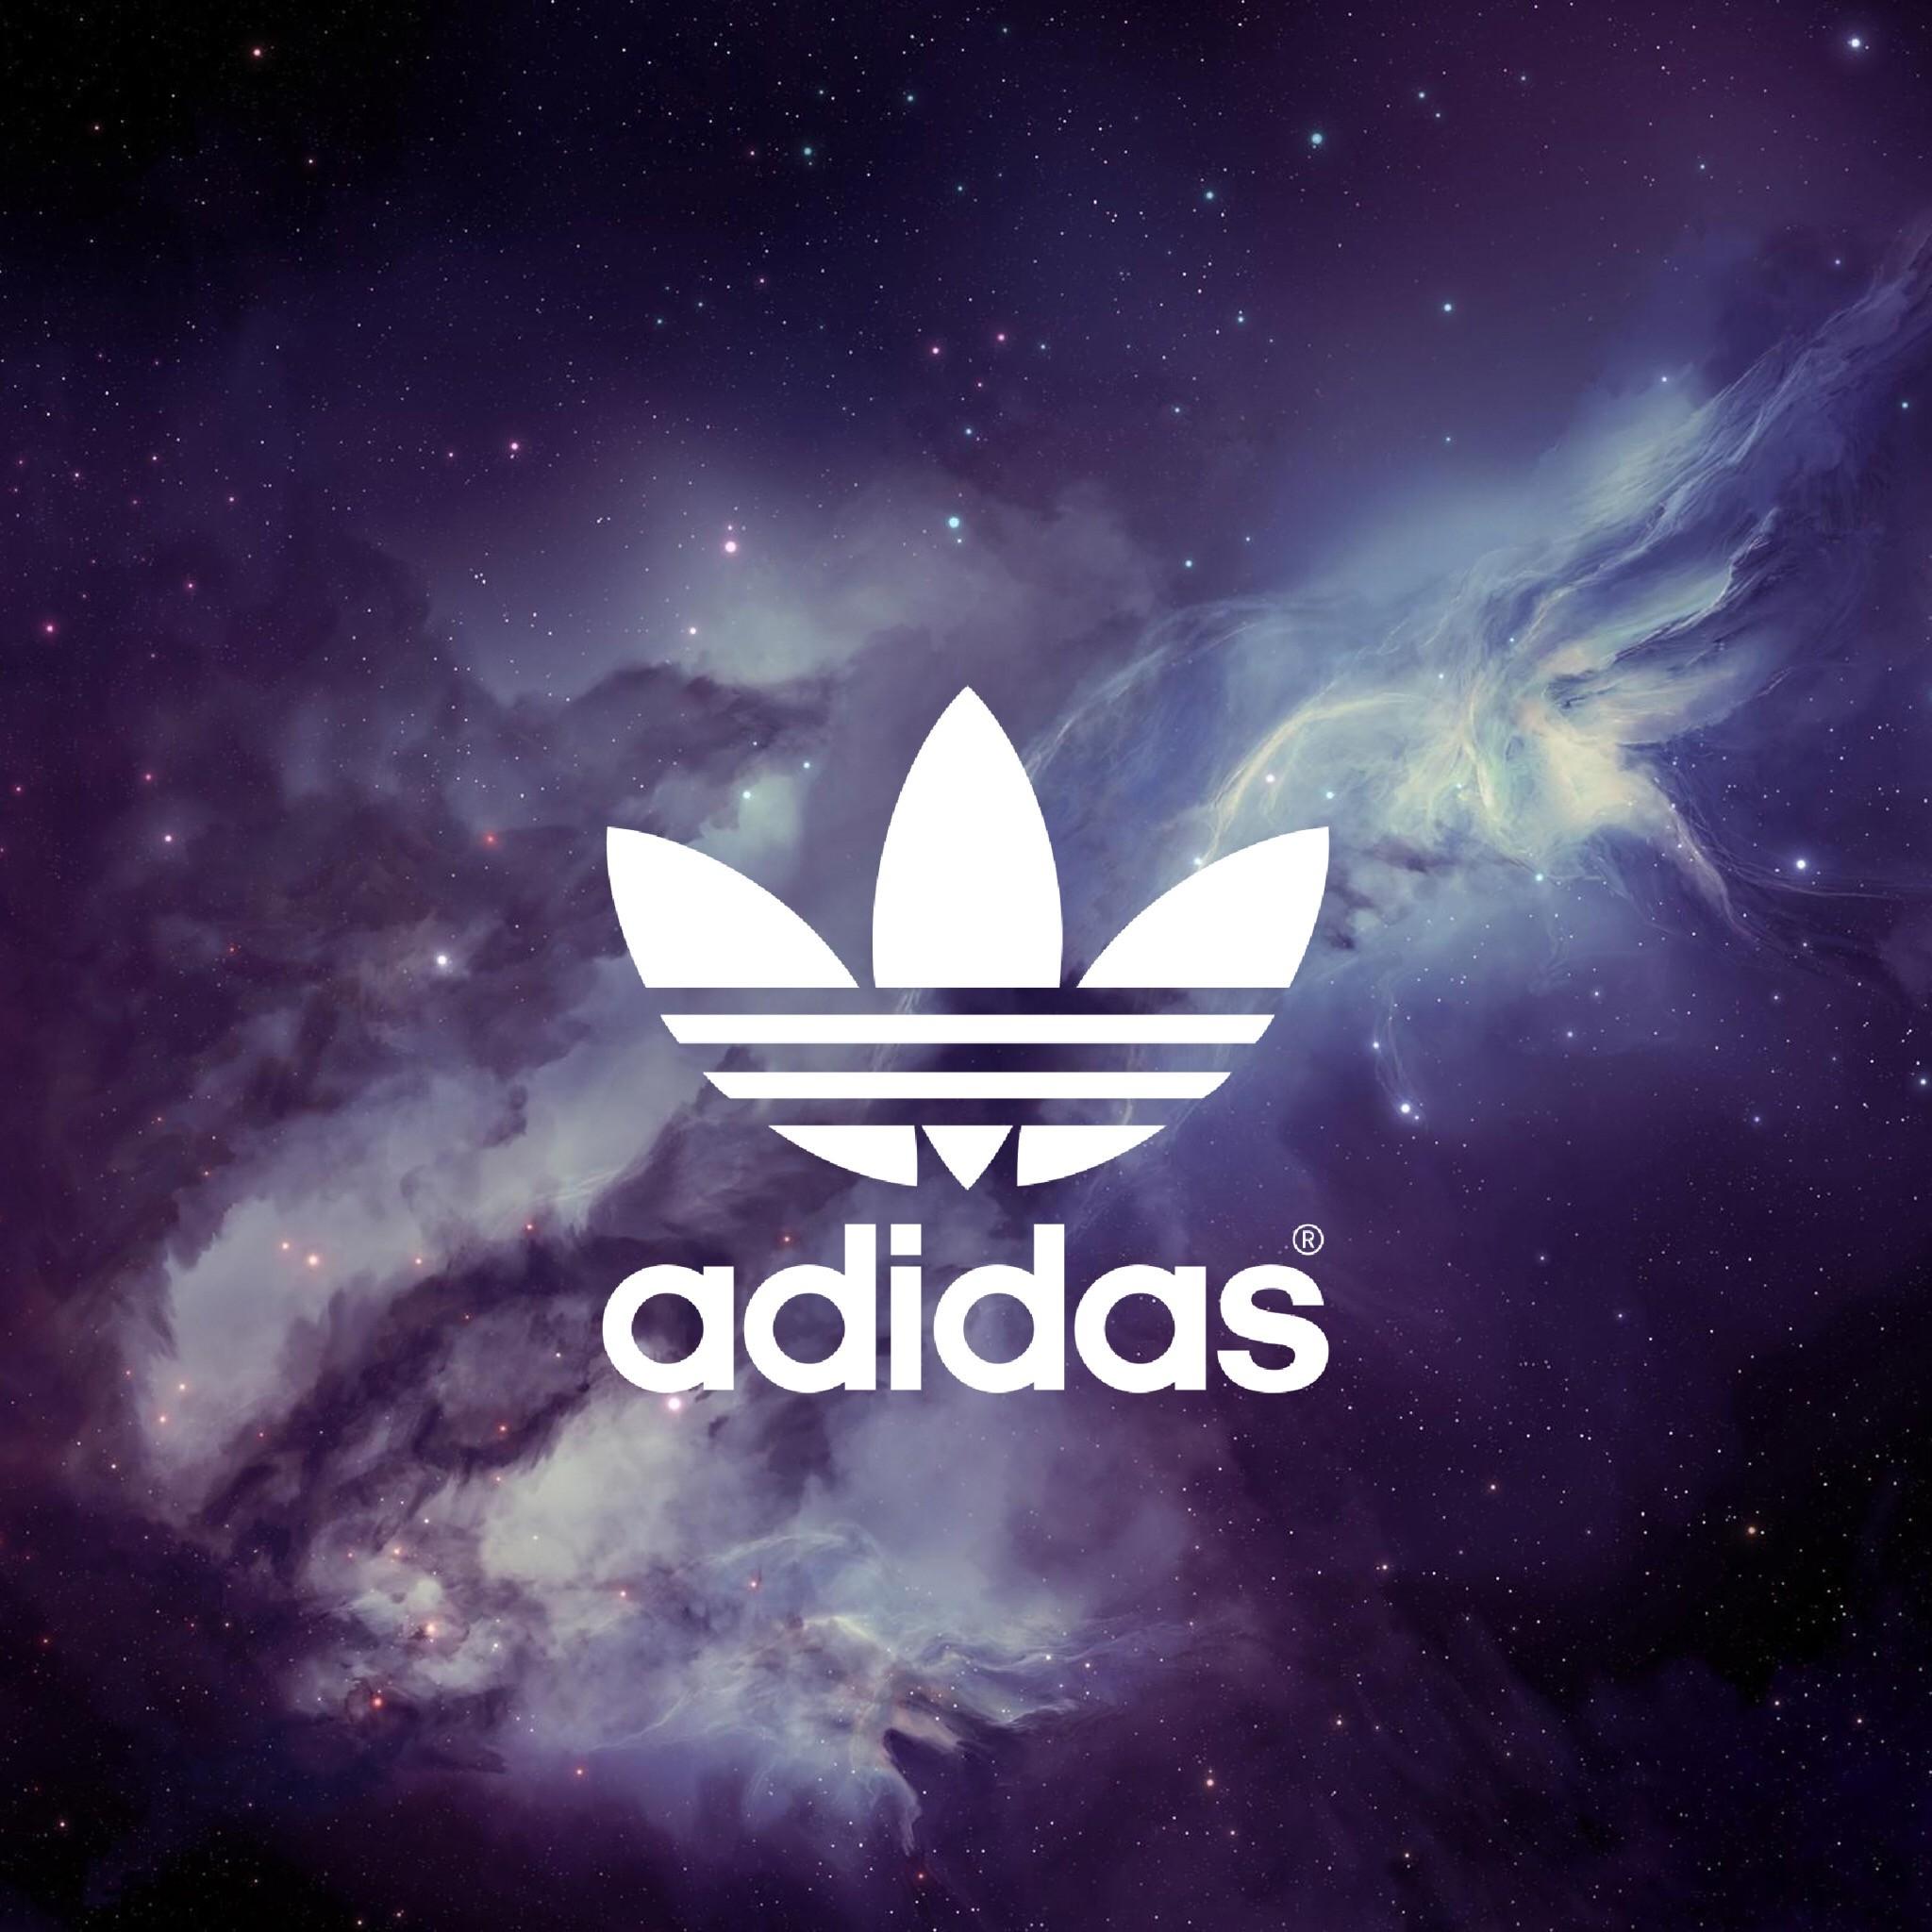 Under Armour Wallpaper Iphone X Die 72 Besten Adidas Hintergrundbilder